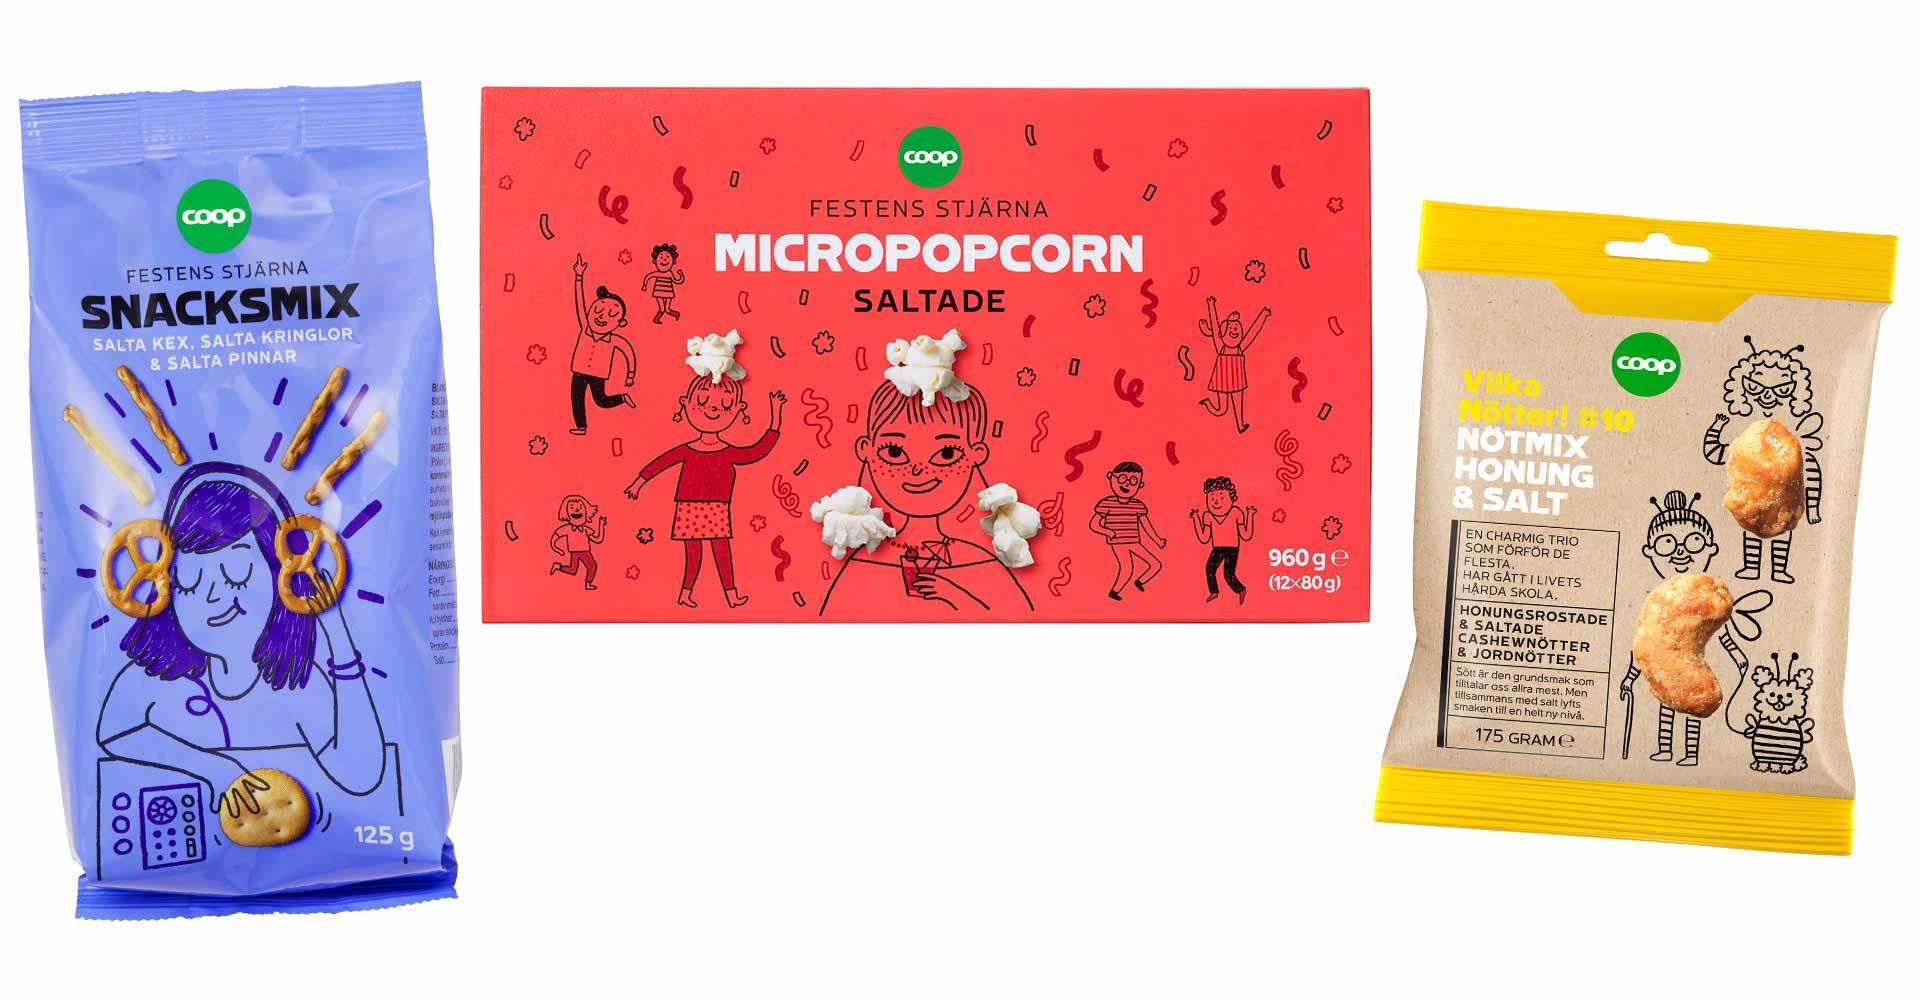 Gemma Correll – COOP Sweden new snacks range